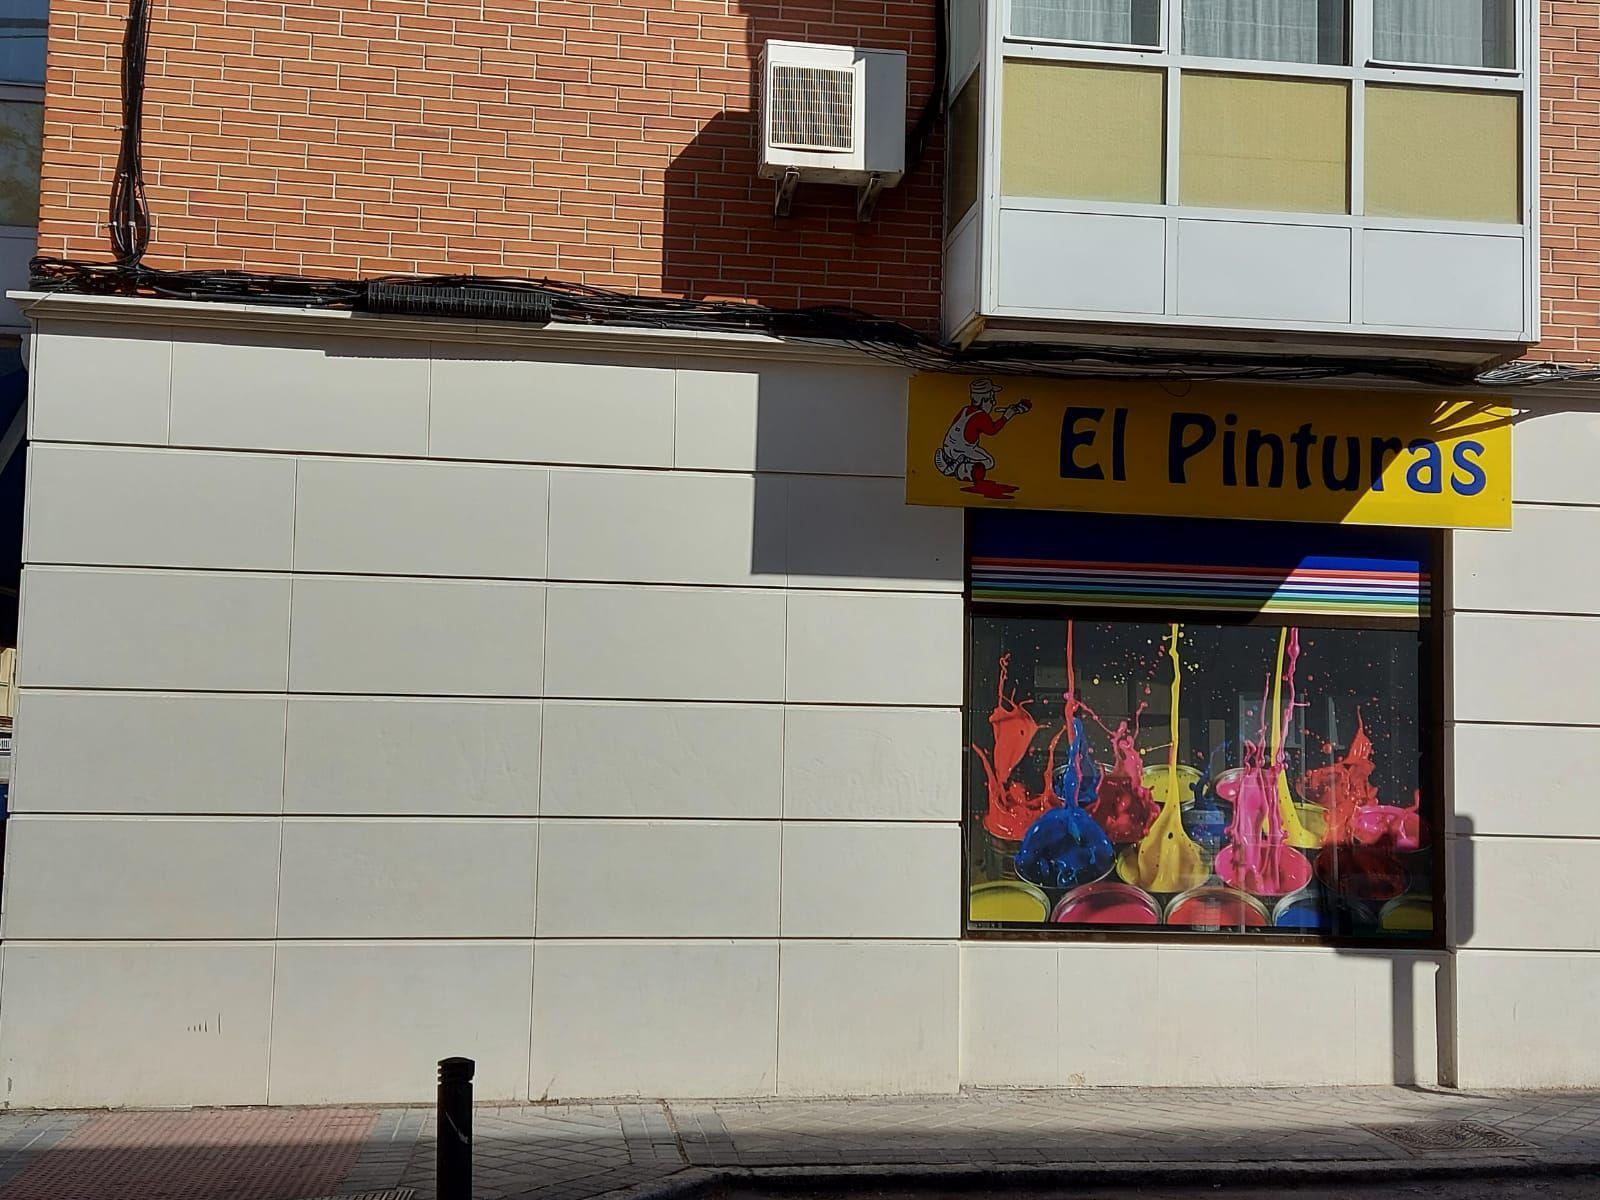 Venta de pinturas Ciudad Lineal Madrid